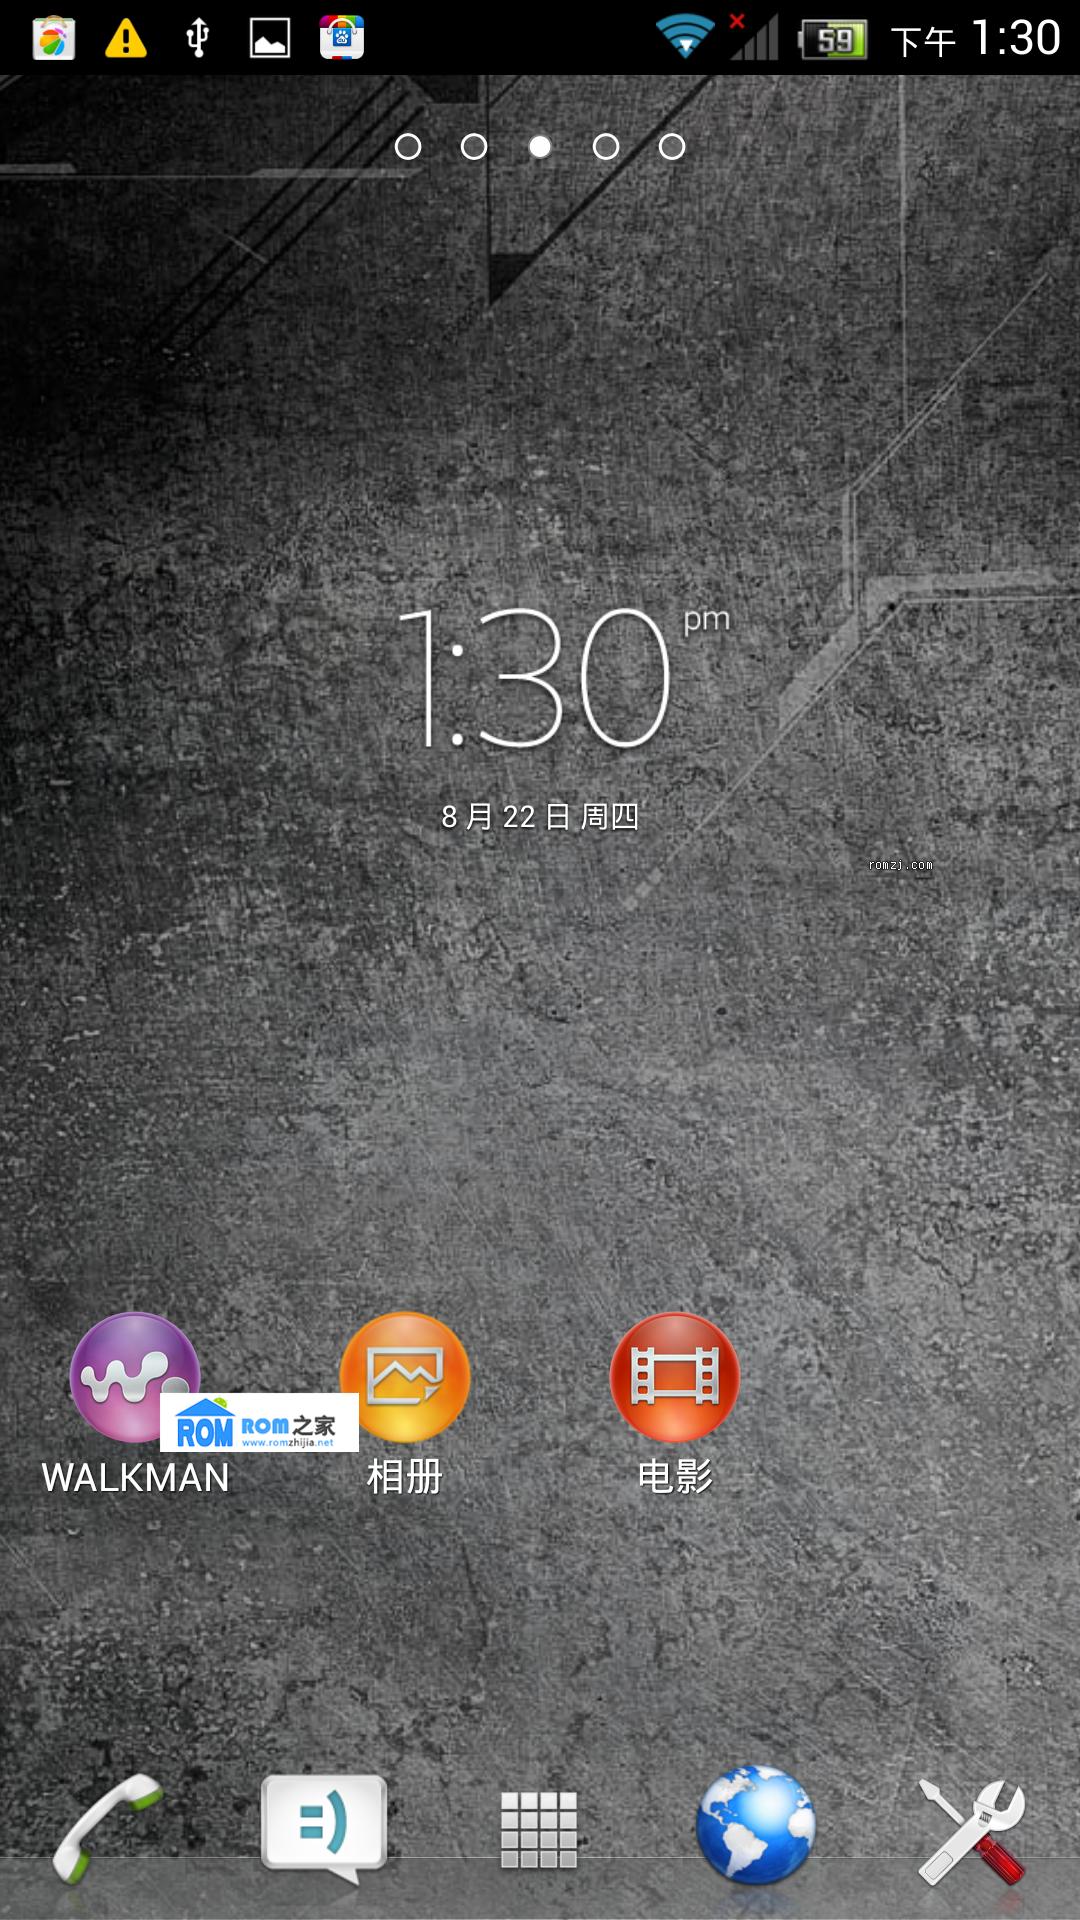 凯派T65刷机包 移植Xperia Home 索尼风格 优化 流畅截图